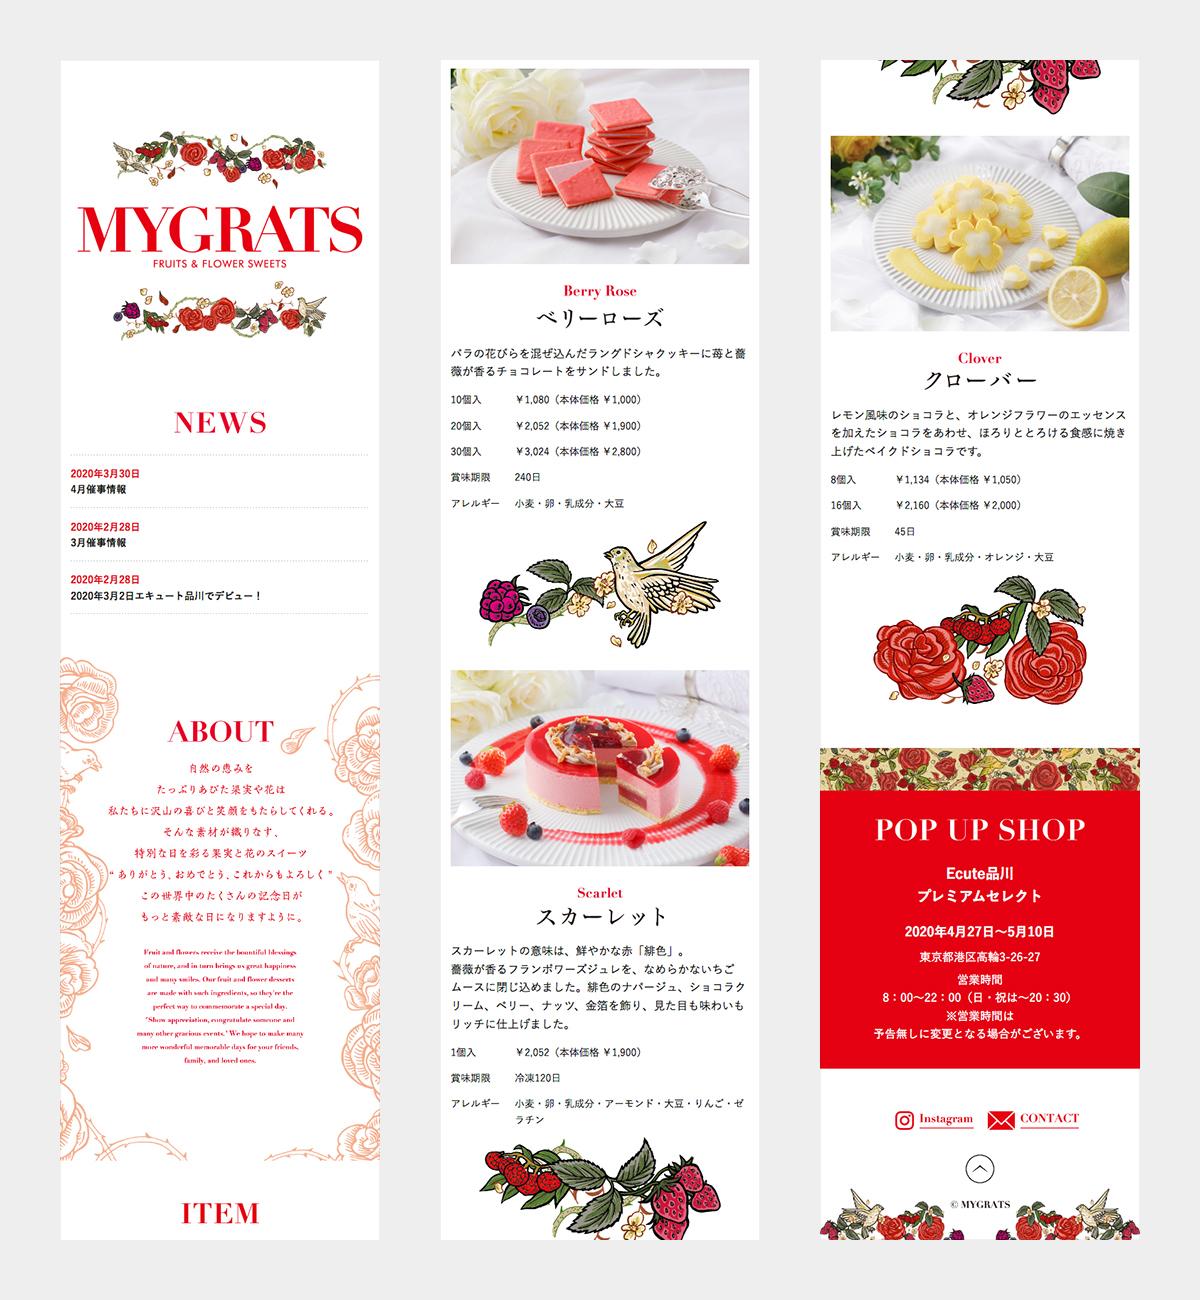 [写真]WEB MYGRATS WEBサイト 2